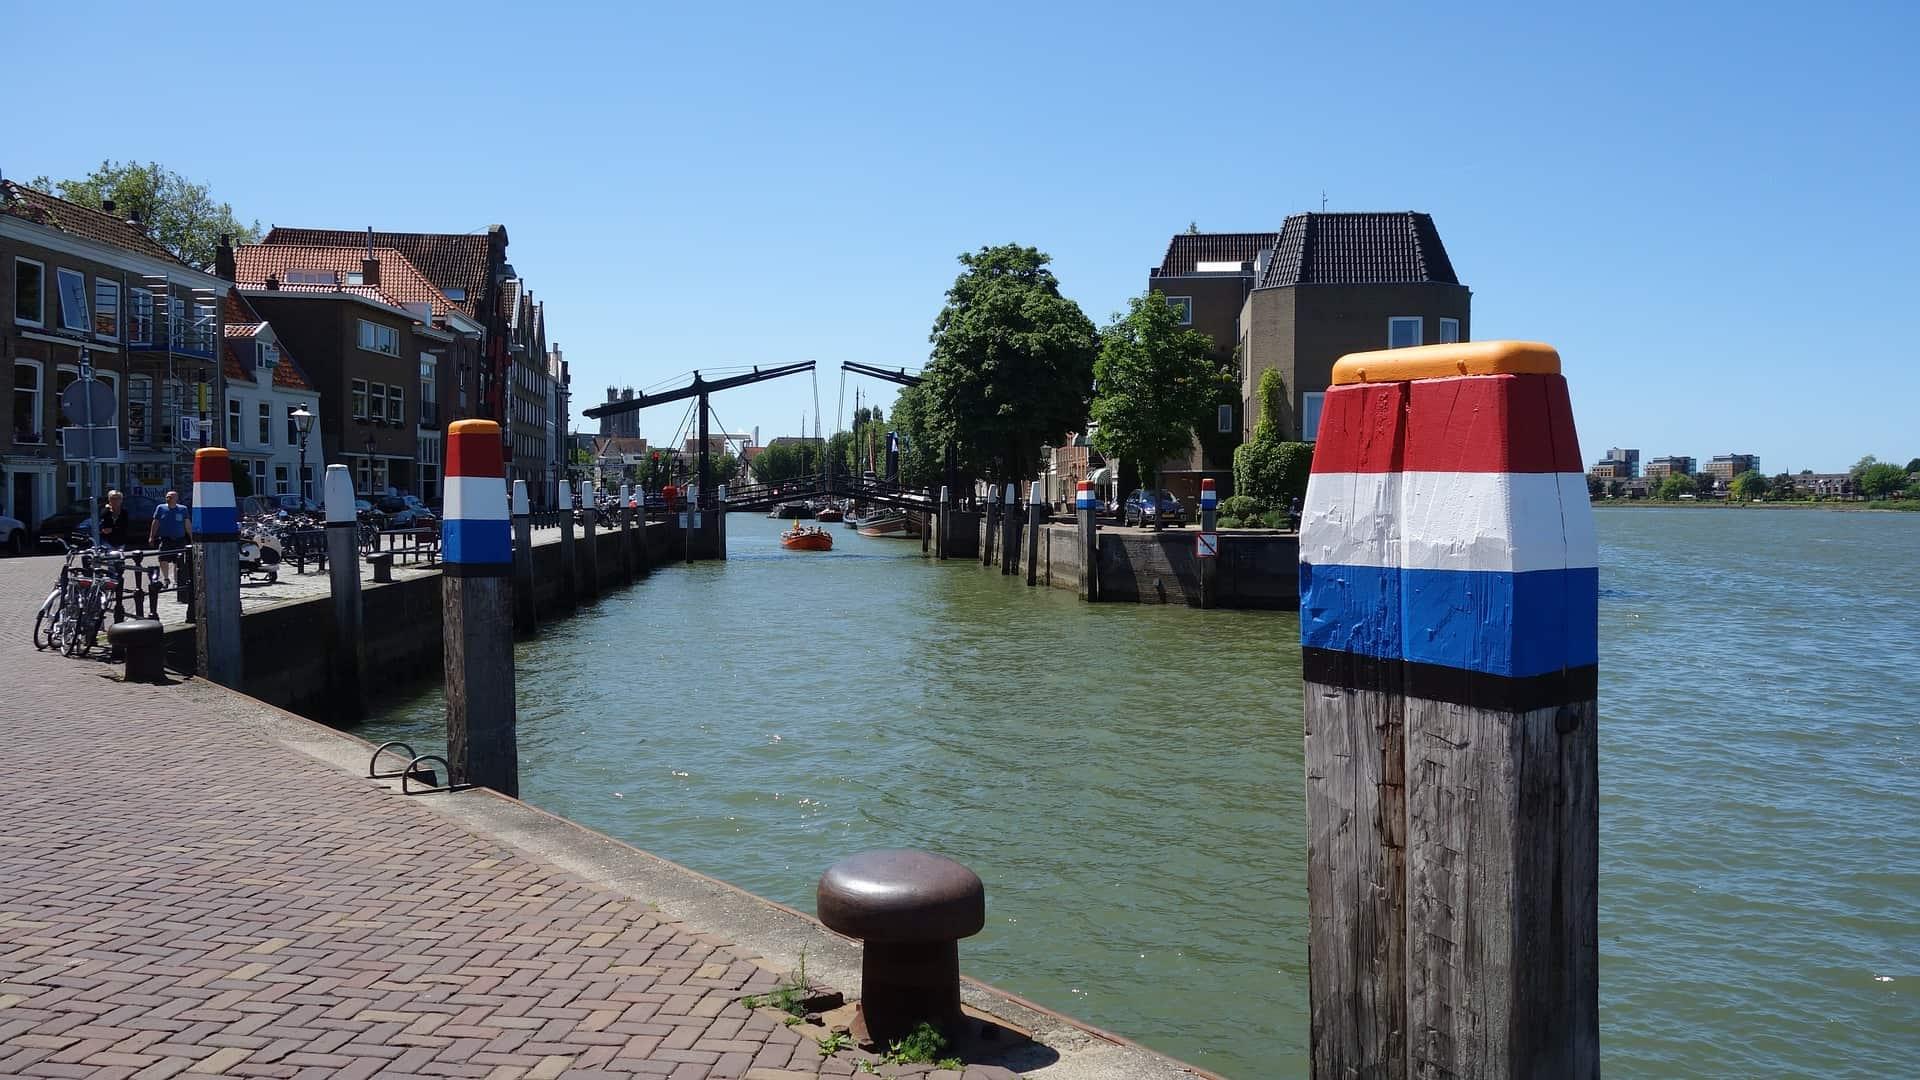 Von hier aus kann man Trips nach Den Haag, Rotterdam & Amsterdam machen